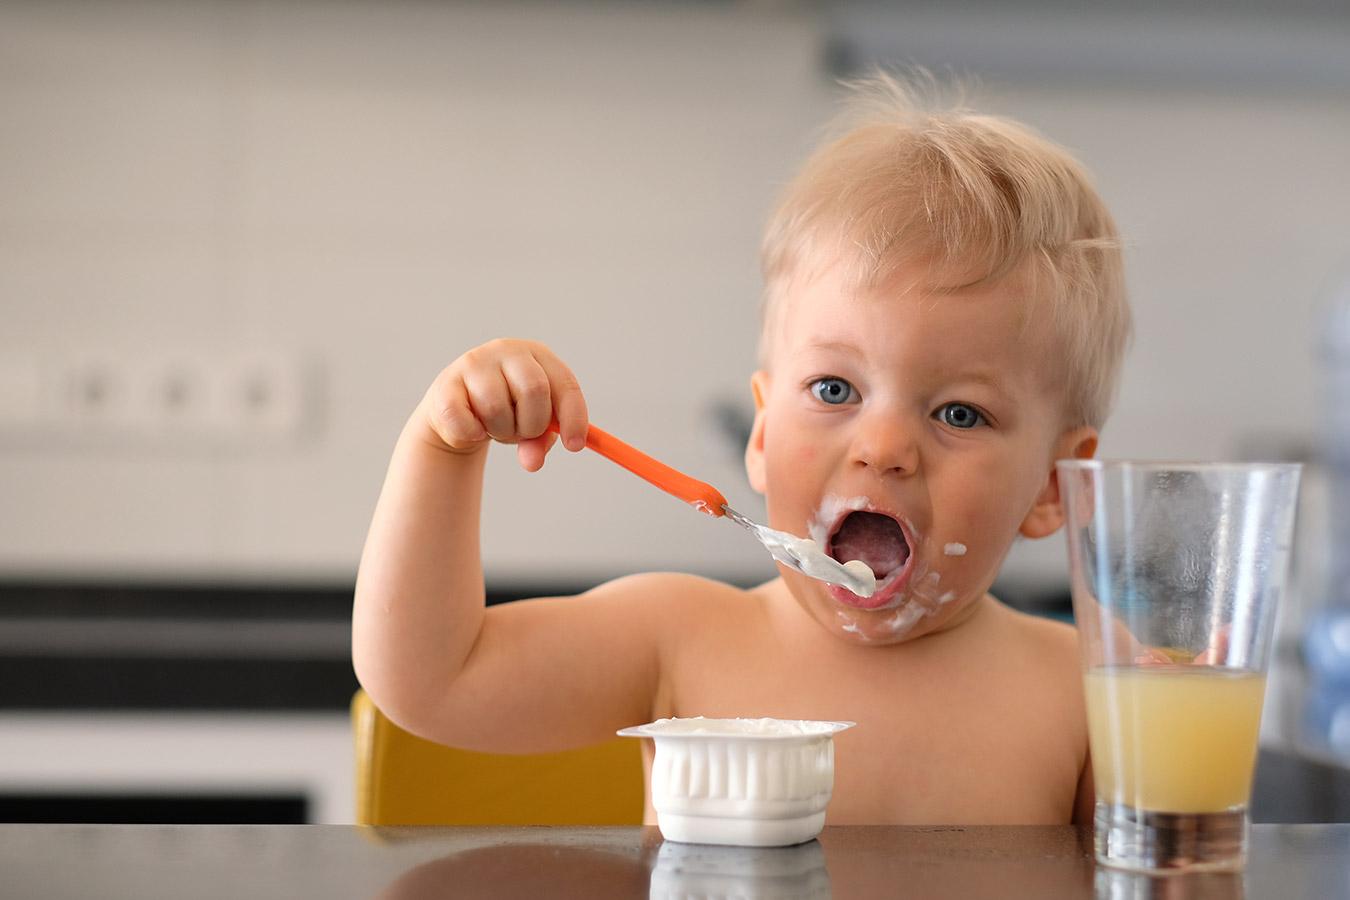 47 tygodniowe dziecko – Jak wygląda 11 miesiąc życia dziecka?